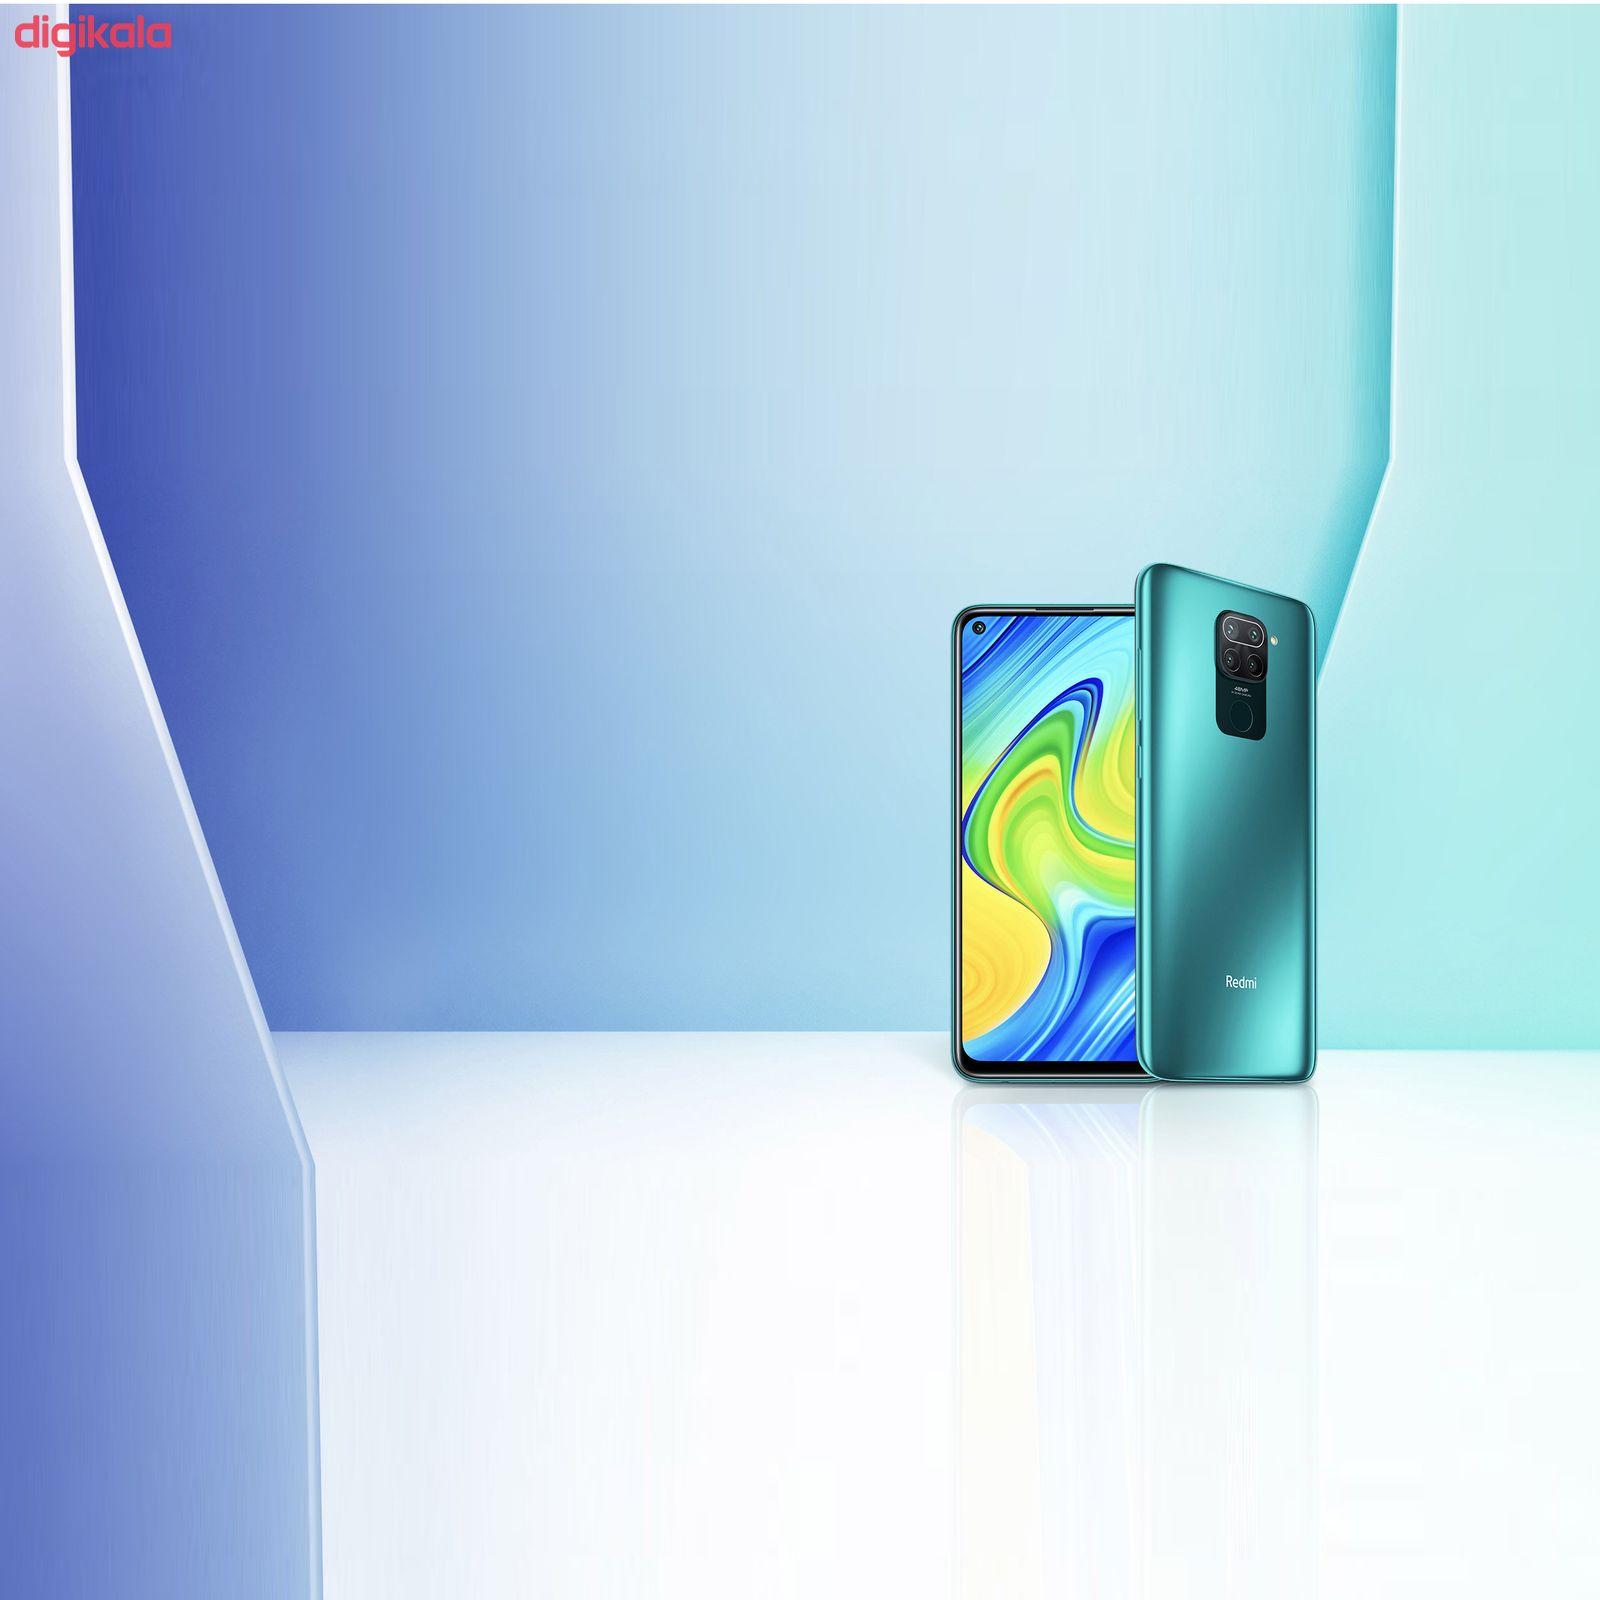 گوشی موبایل شیائومی مدل Redmi Note 9S M2003J6A1G دو سیم کارت ظرفیت 64 گیگابایت  main 1 11